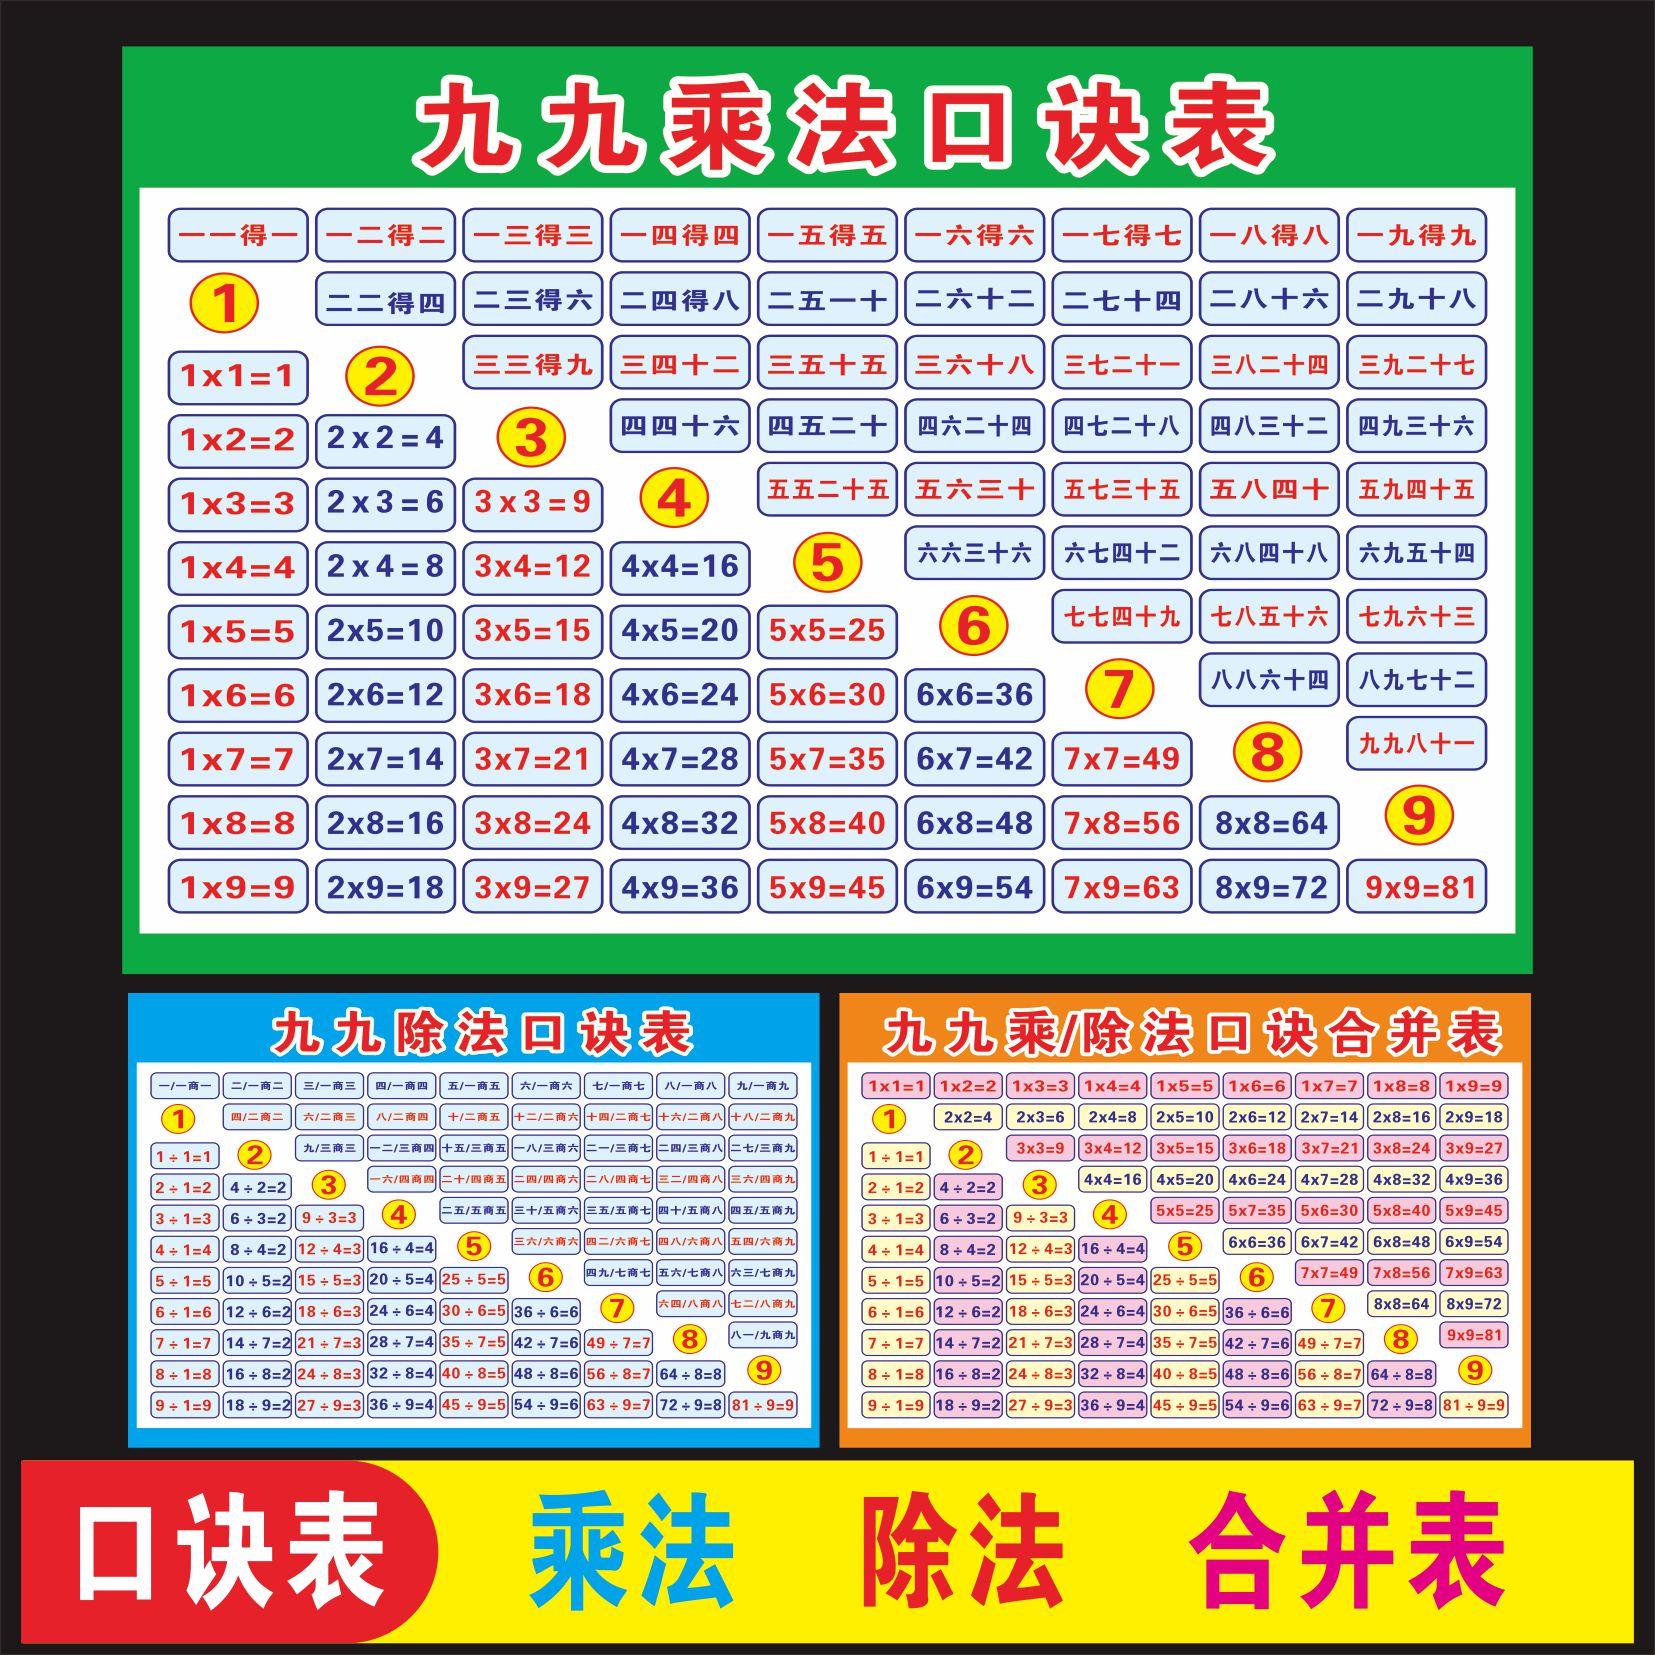 墙贴纸奖励贴纸乘法口诀表除法口诀表乘除法合并表学校挂图b3407X